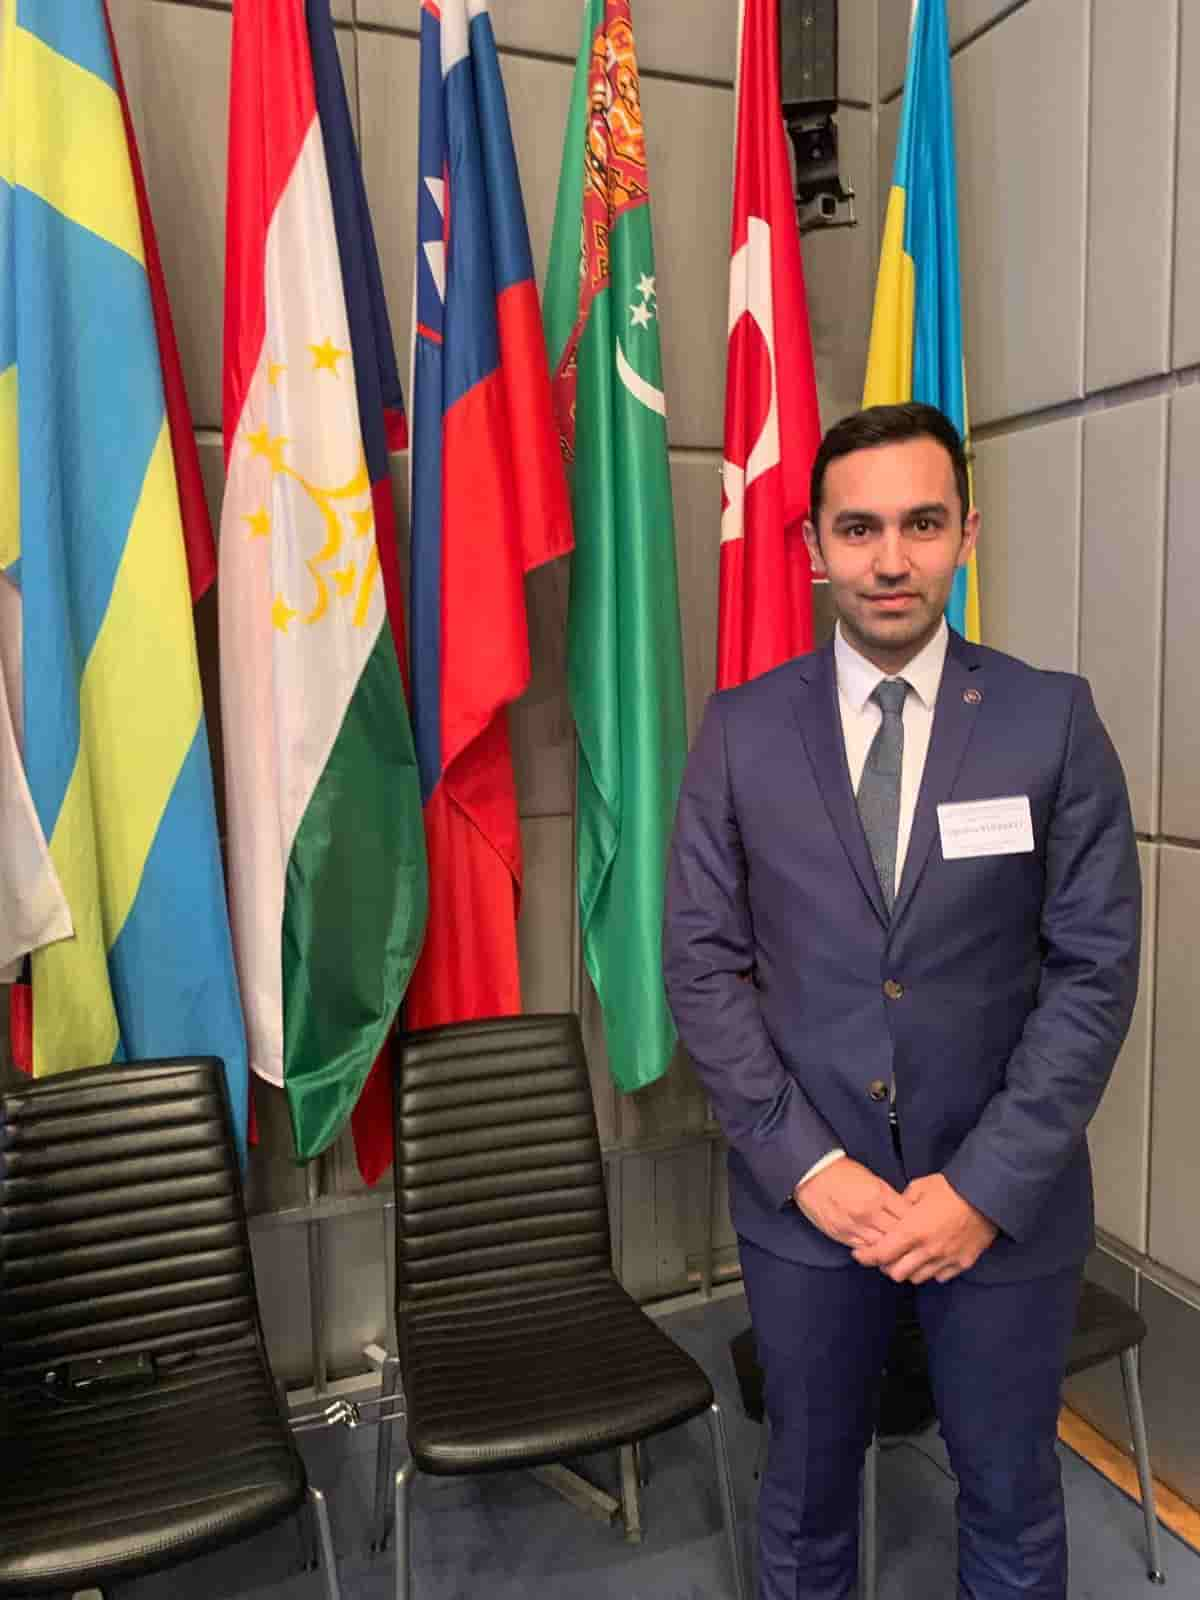 AYF-YK. Üyesi Oğuzhan Yürekli AGİT'in sanal toplantısında konuştu